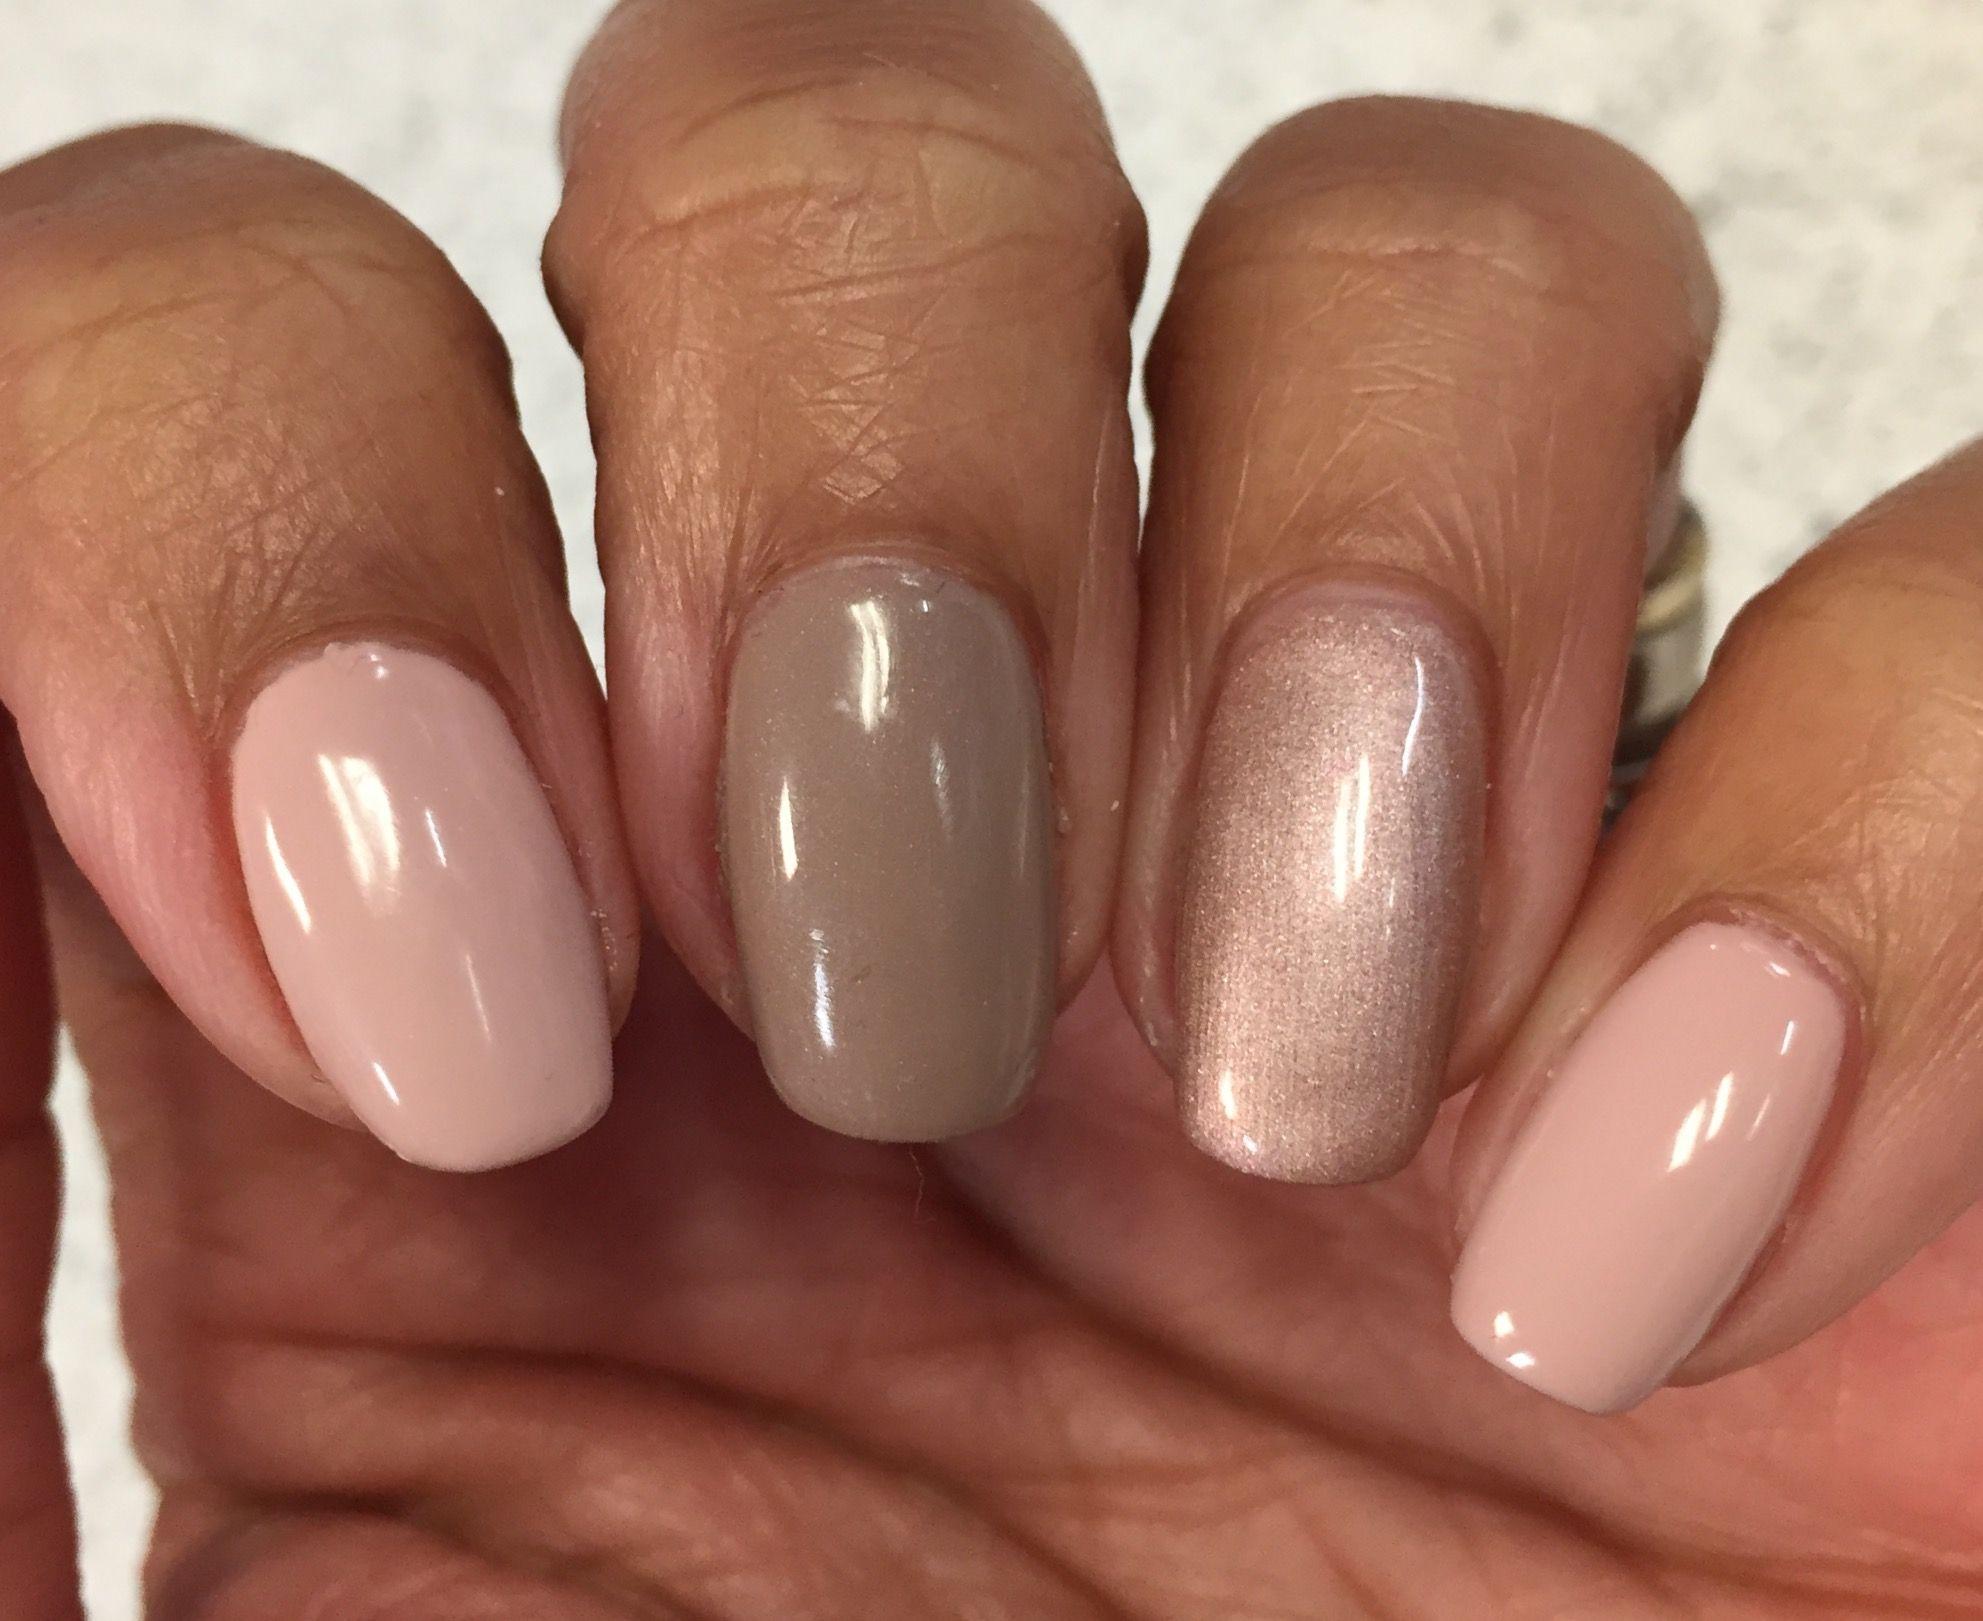 Bluesky QXG312, AF04 Warm Taupe & Copper Rose | nails | Pinterest ...